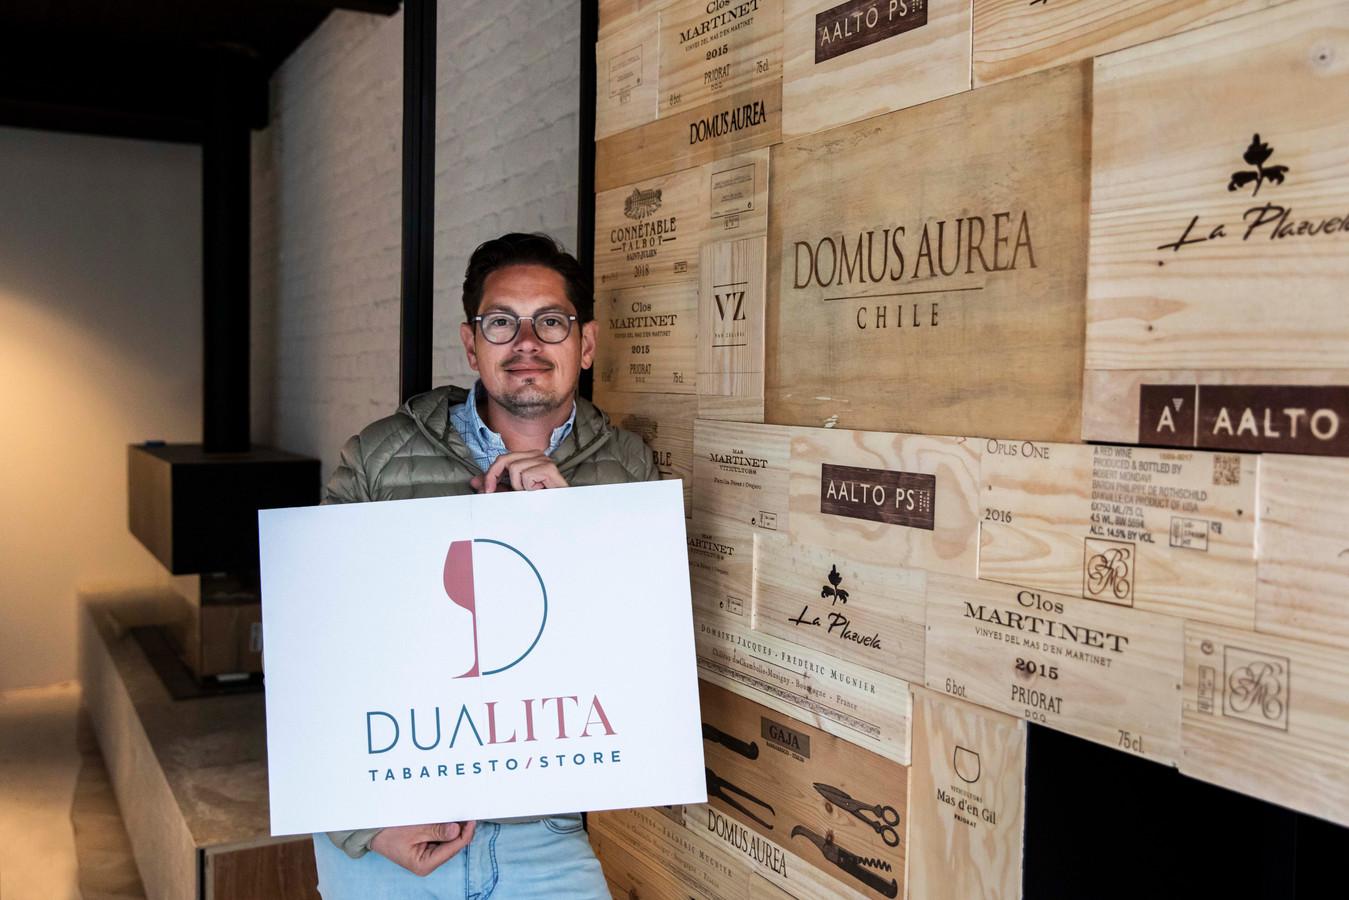 Horeca-uitbater Koen Francis doet de naam van zijn gloednieuwe zaak op de Groenmarkt uit de doeken: 'Dualita'.